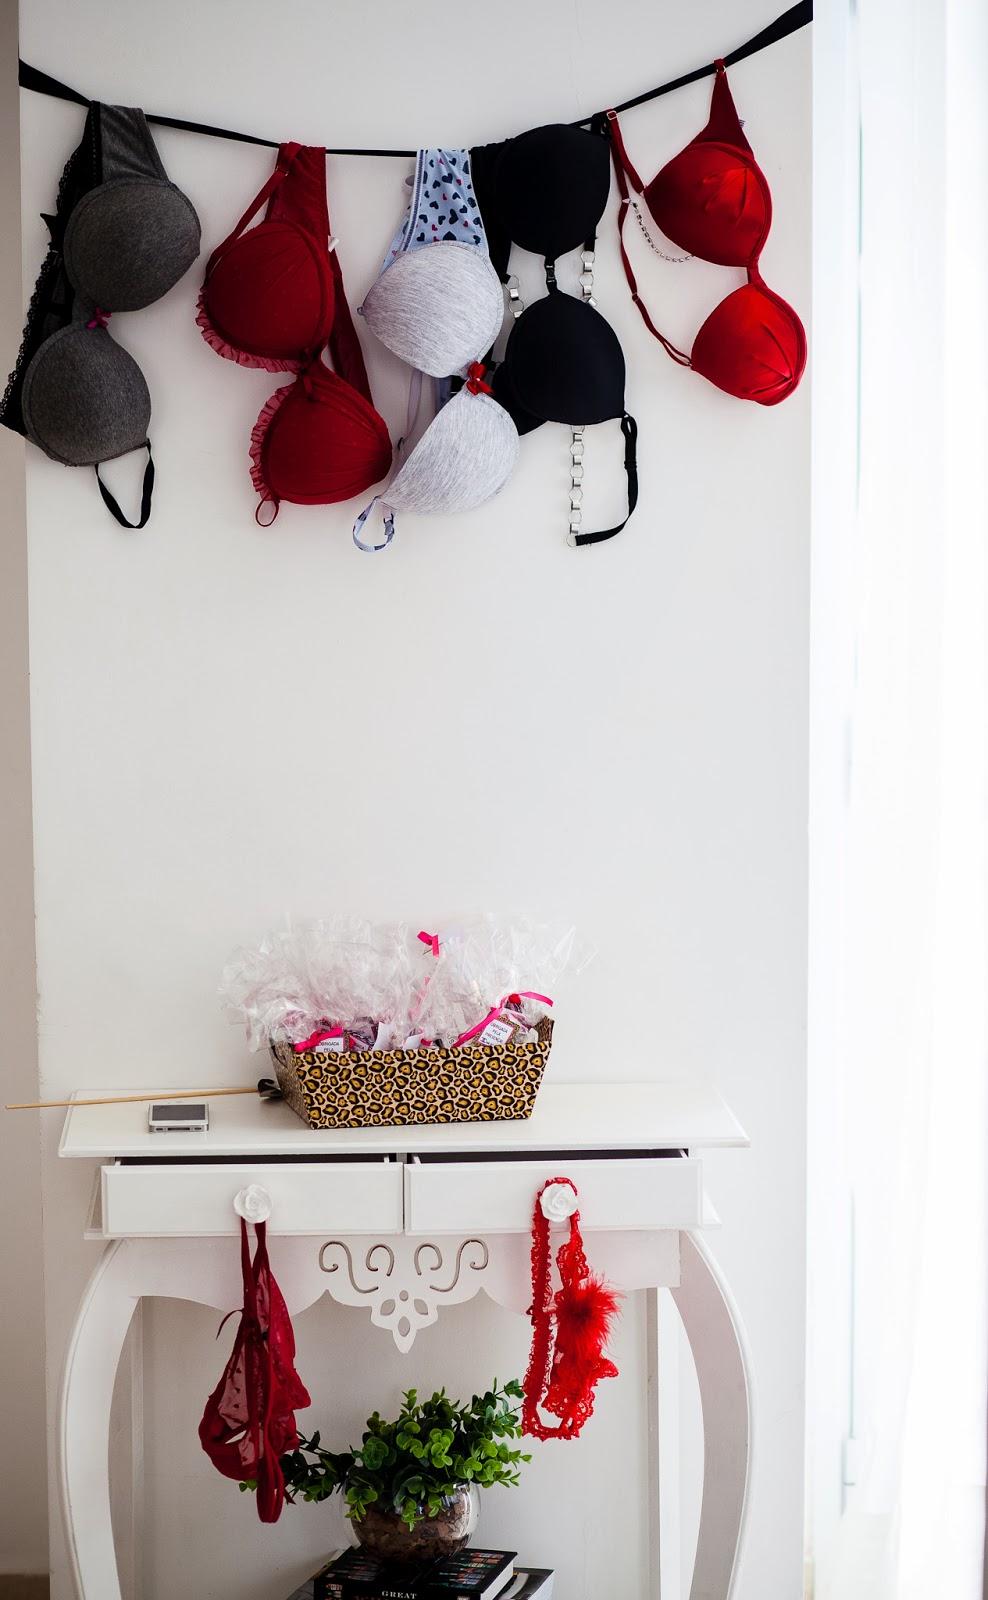 cha-lingerie-decoracao-varal